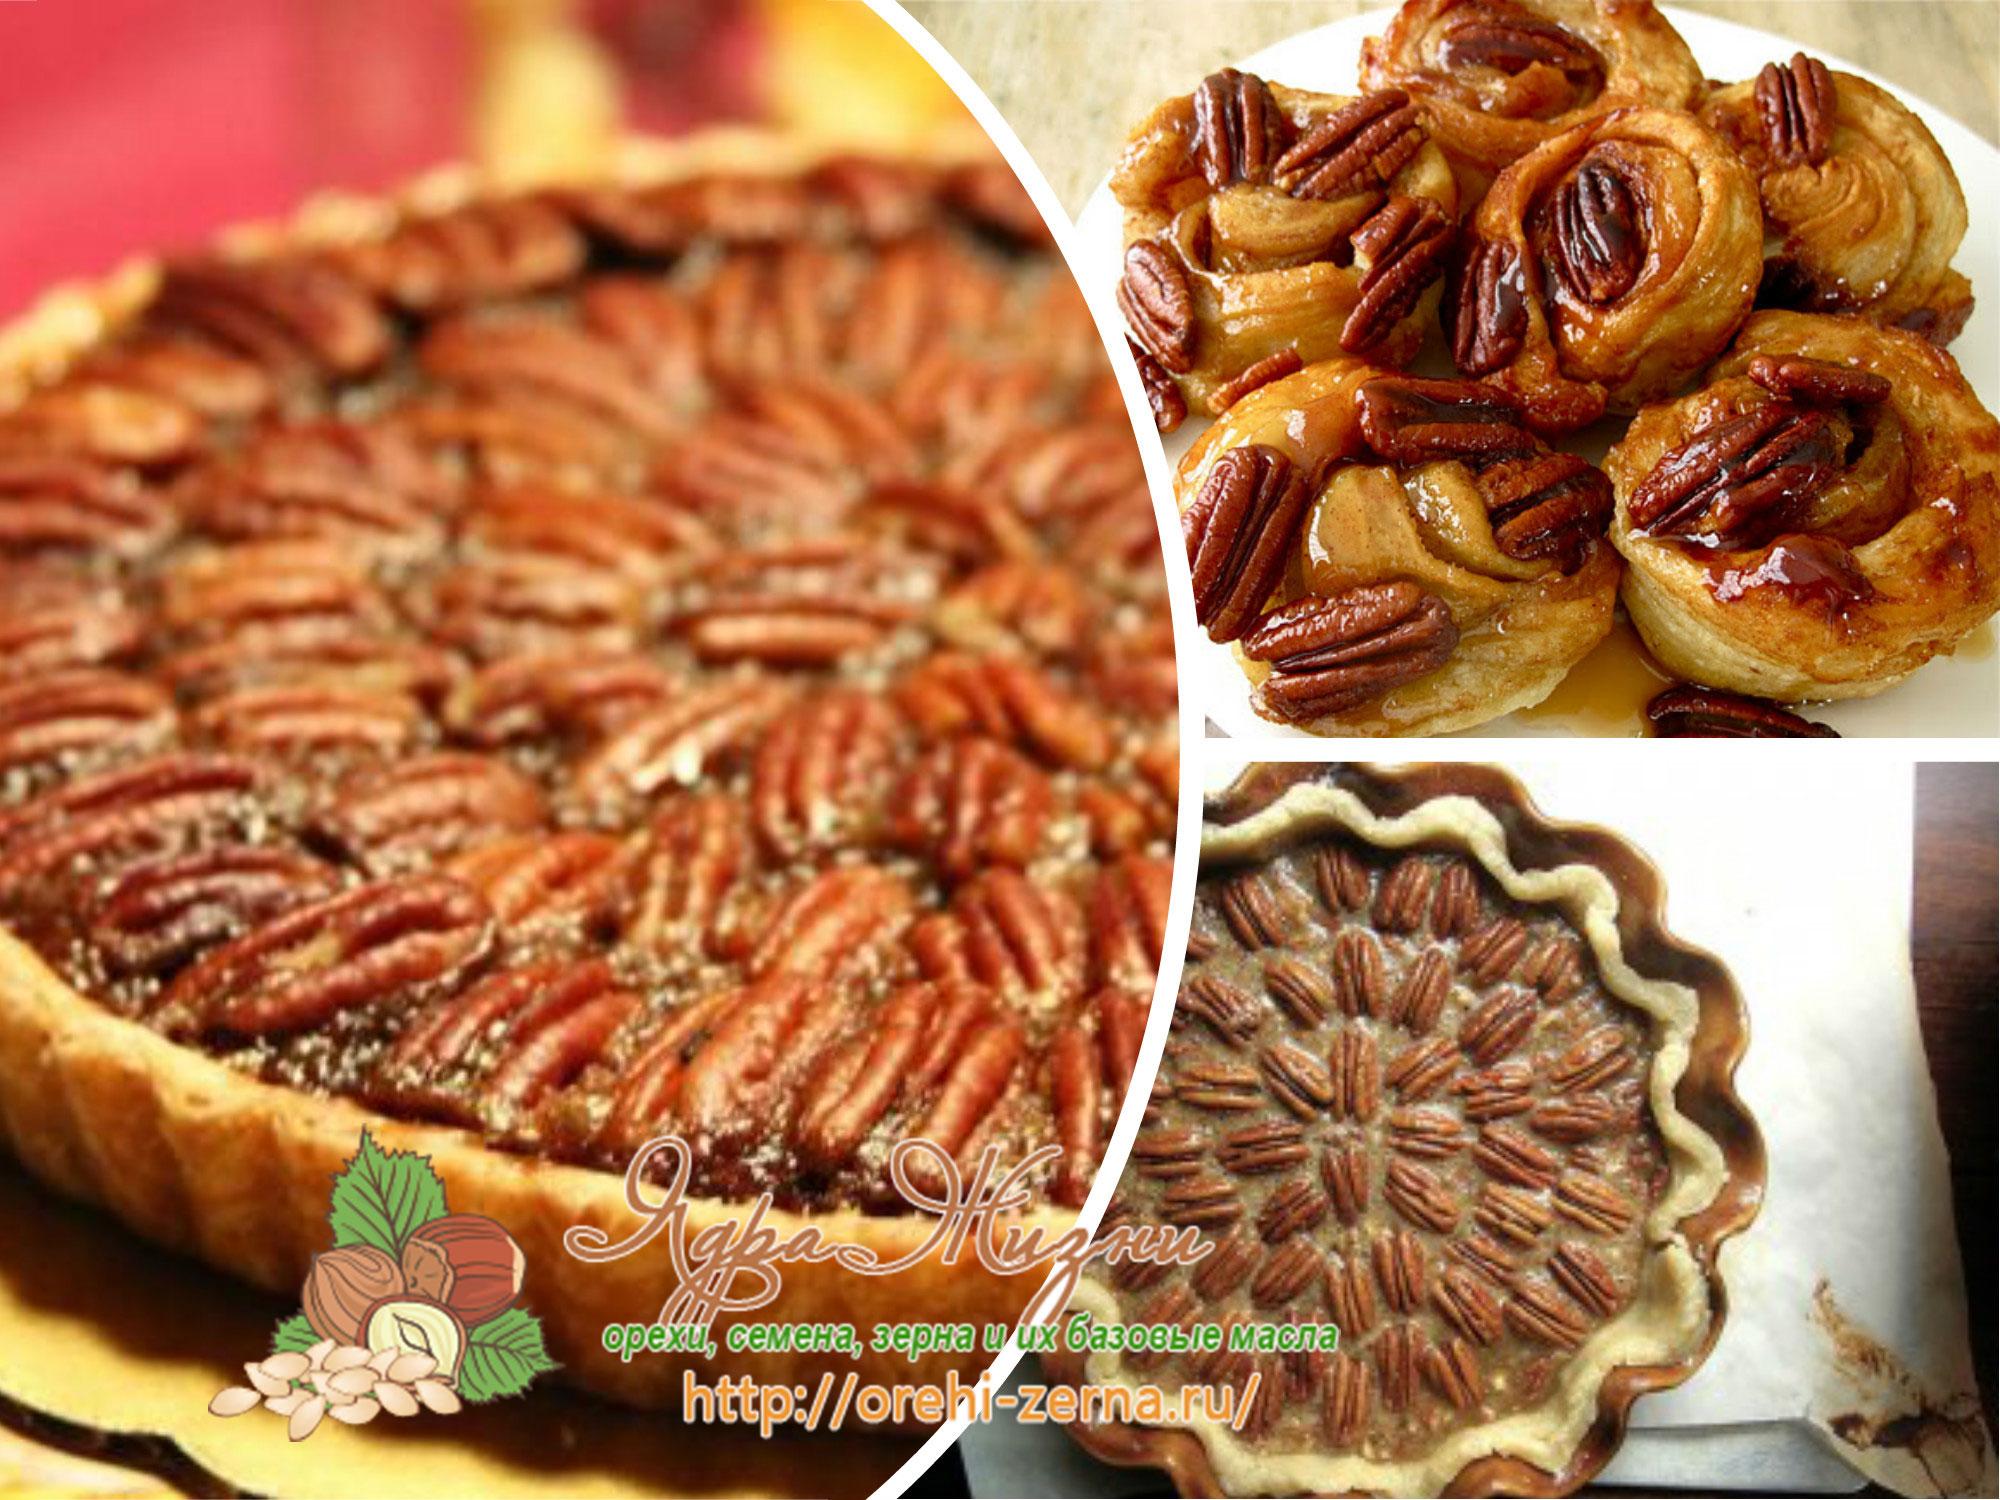 орех пекан полезные свойства для женщин и для мужчин